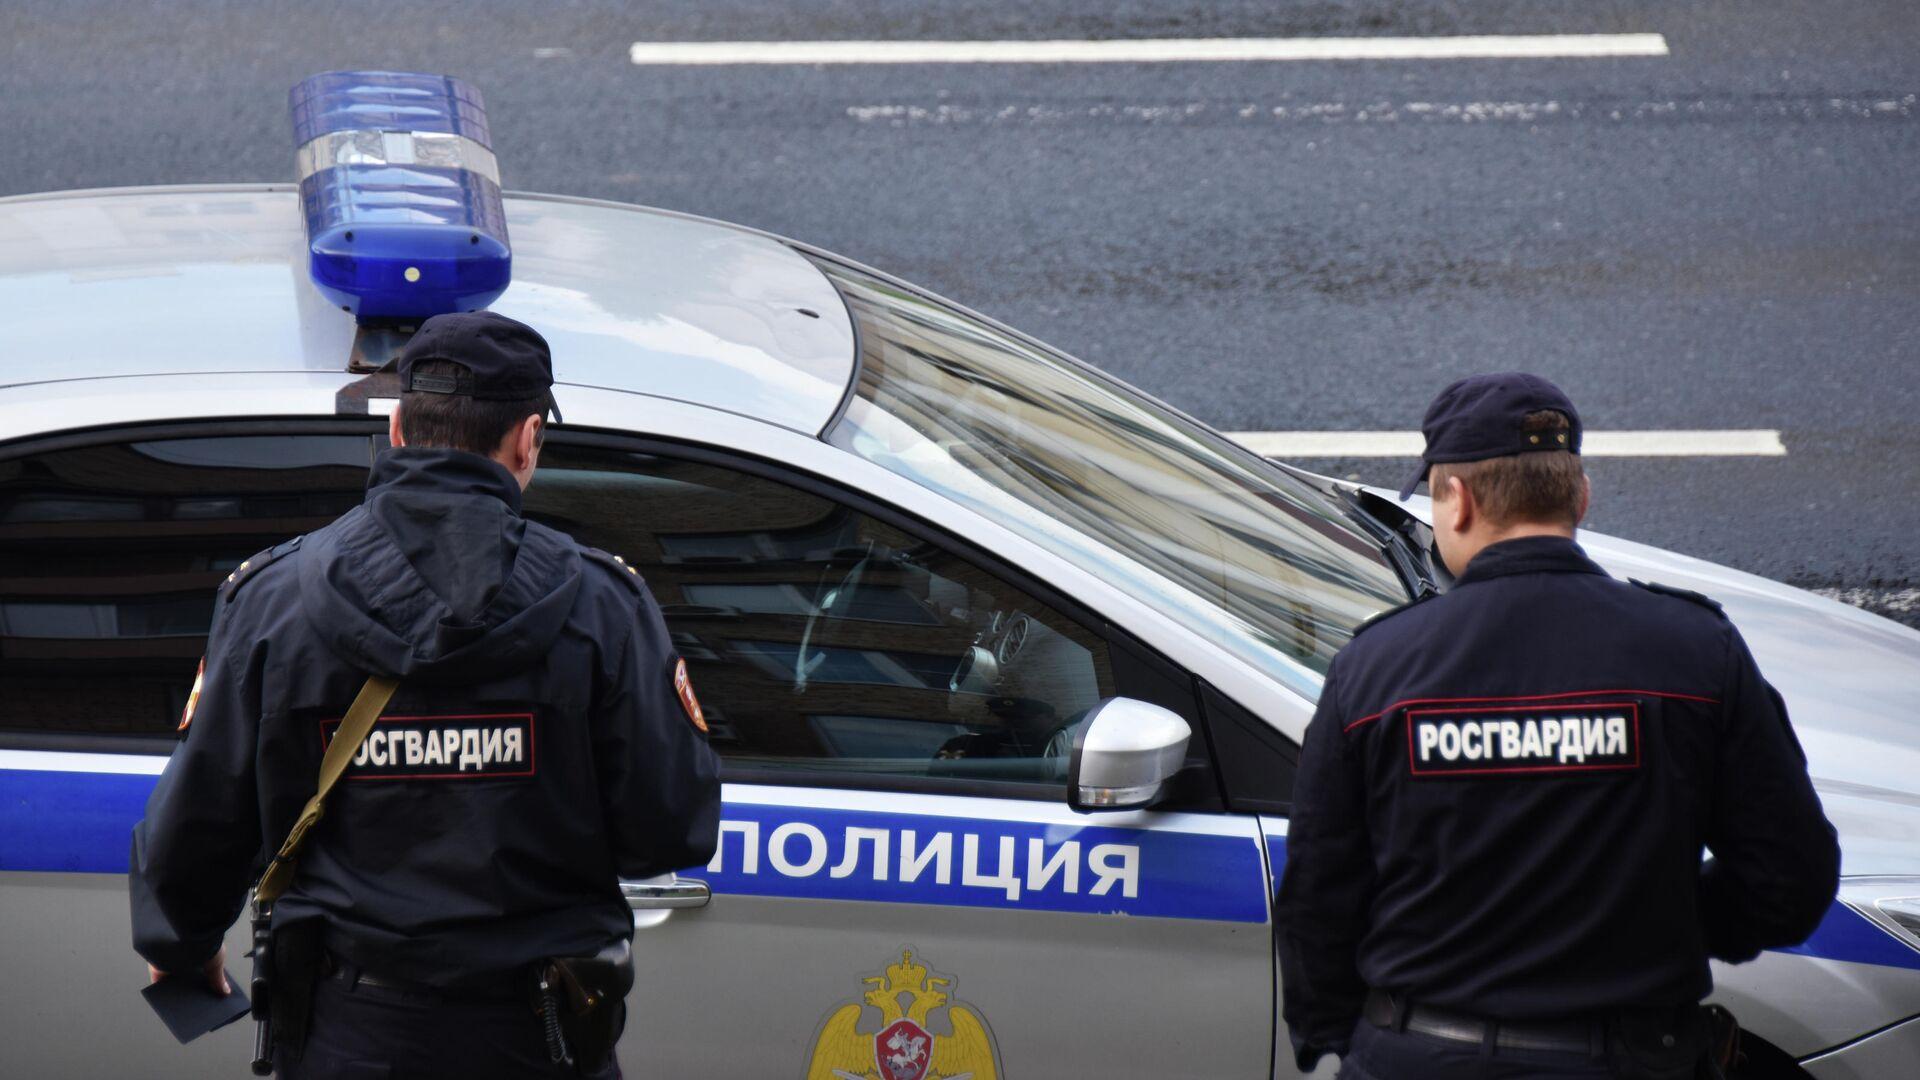 Сотрудники полиции - РИА Новости, 1920, 09.11.2020